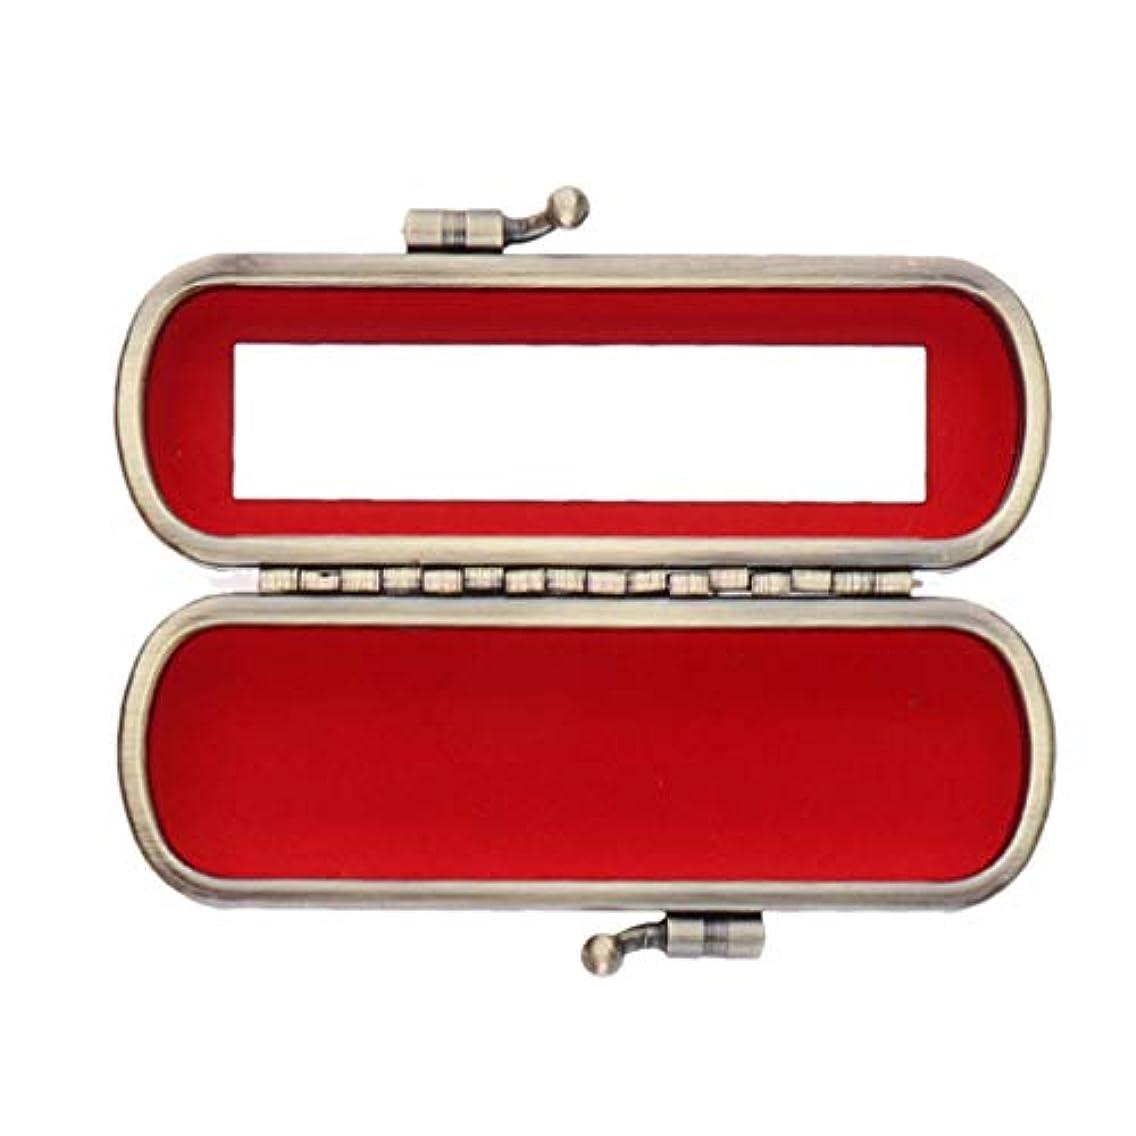 満州郵便番号送る財布用ミラーオーガナイザーバッグ付きかわいいレザーリップスティックリップクリームケース - 赤